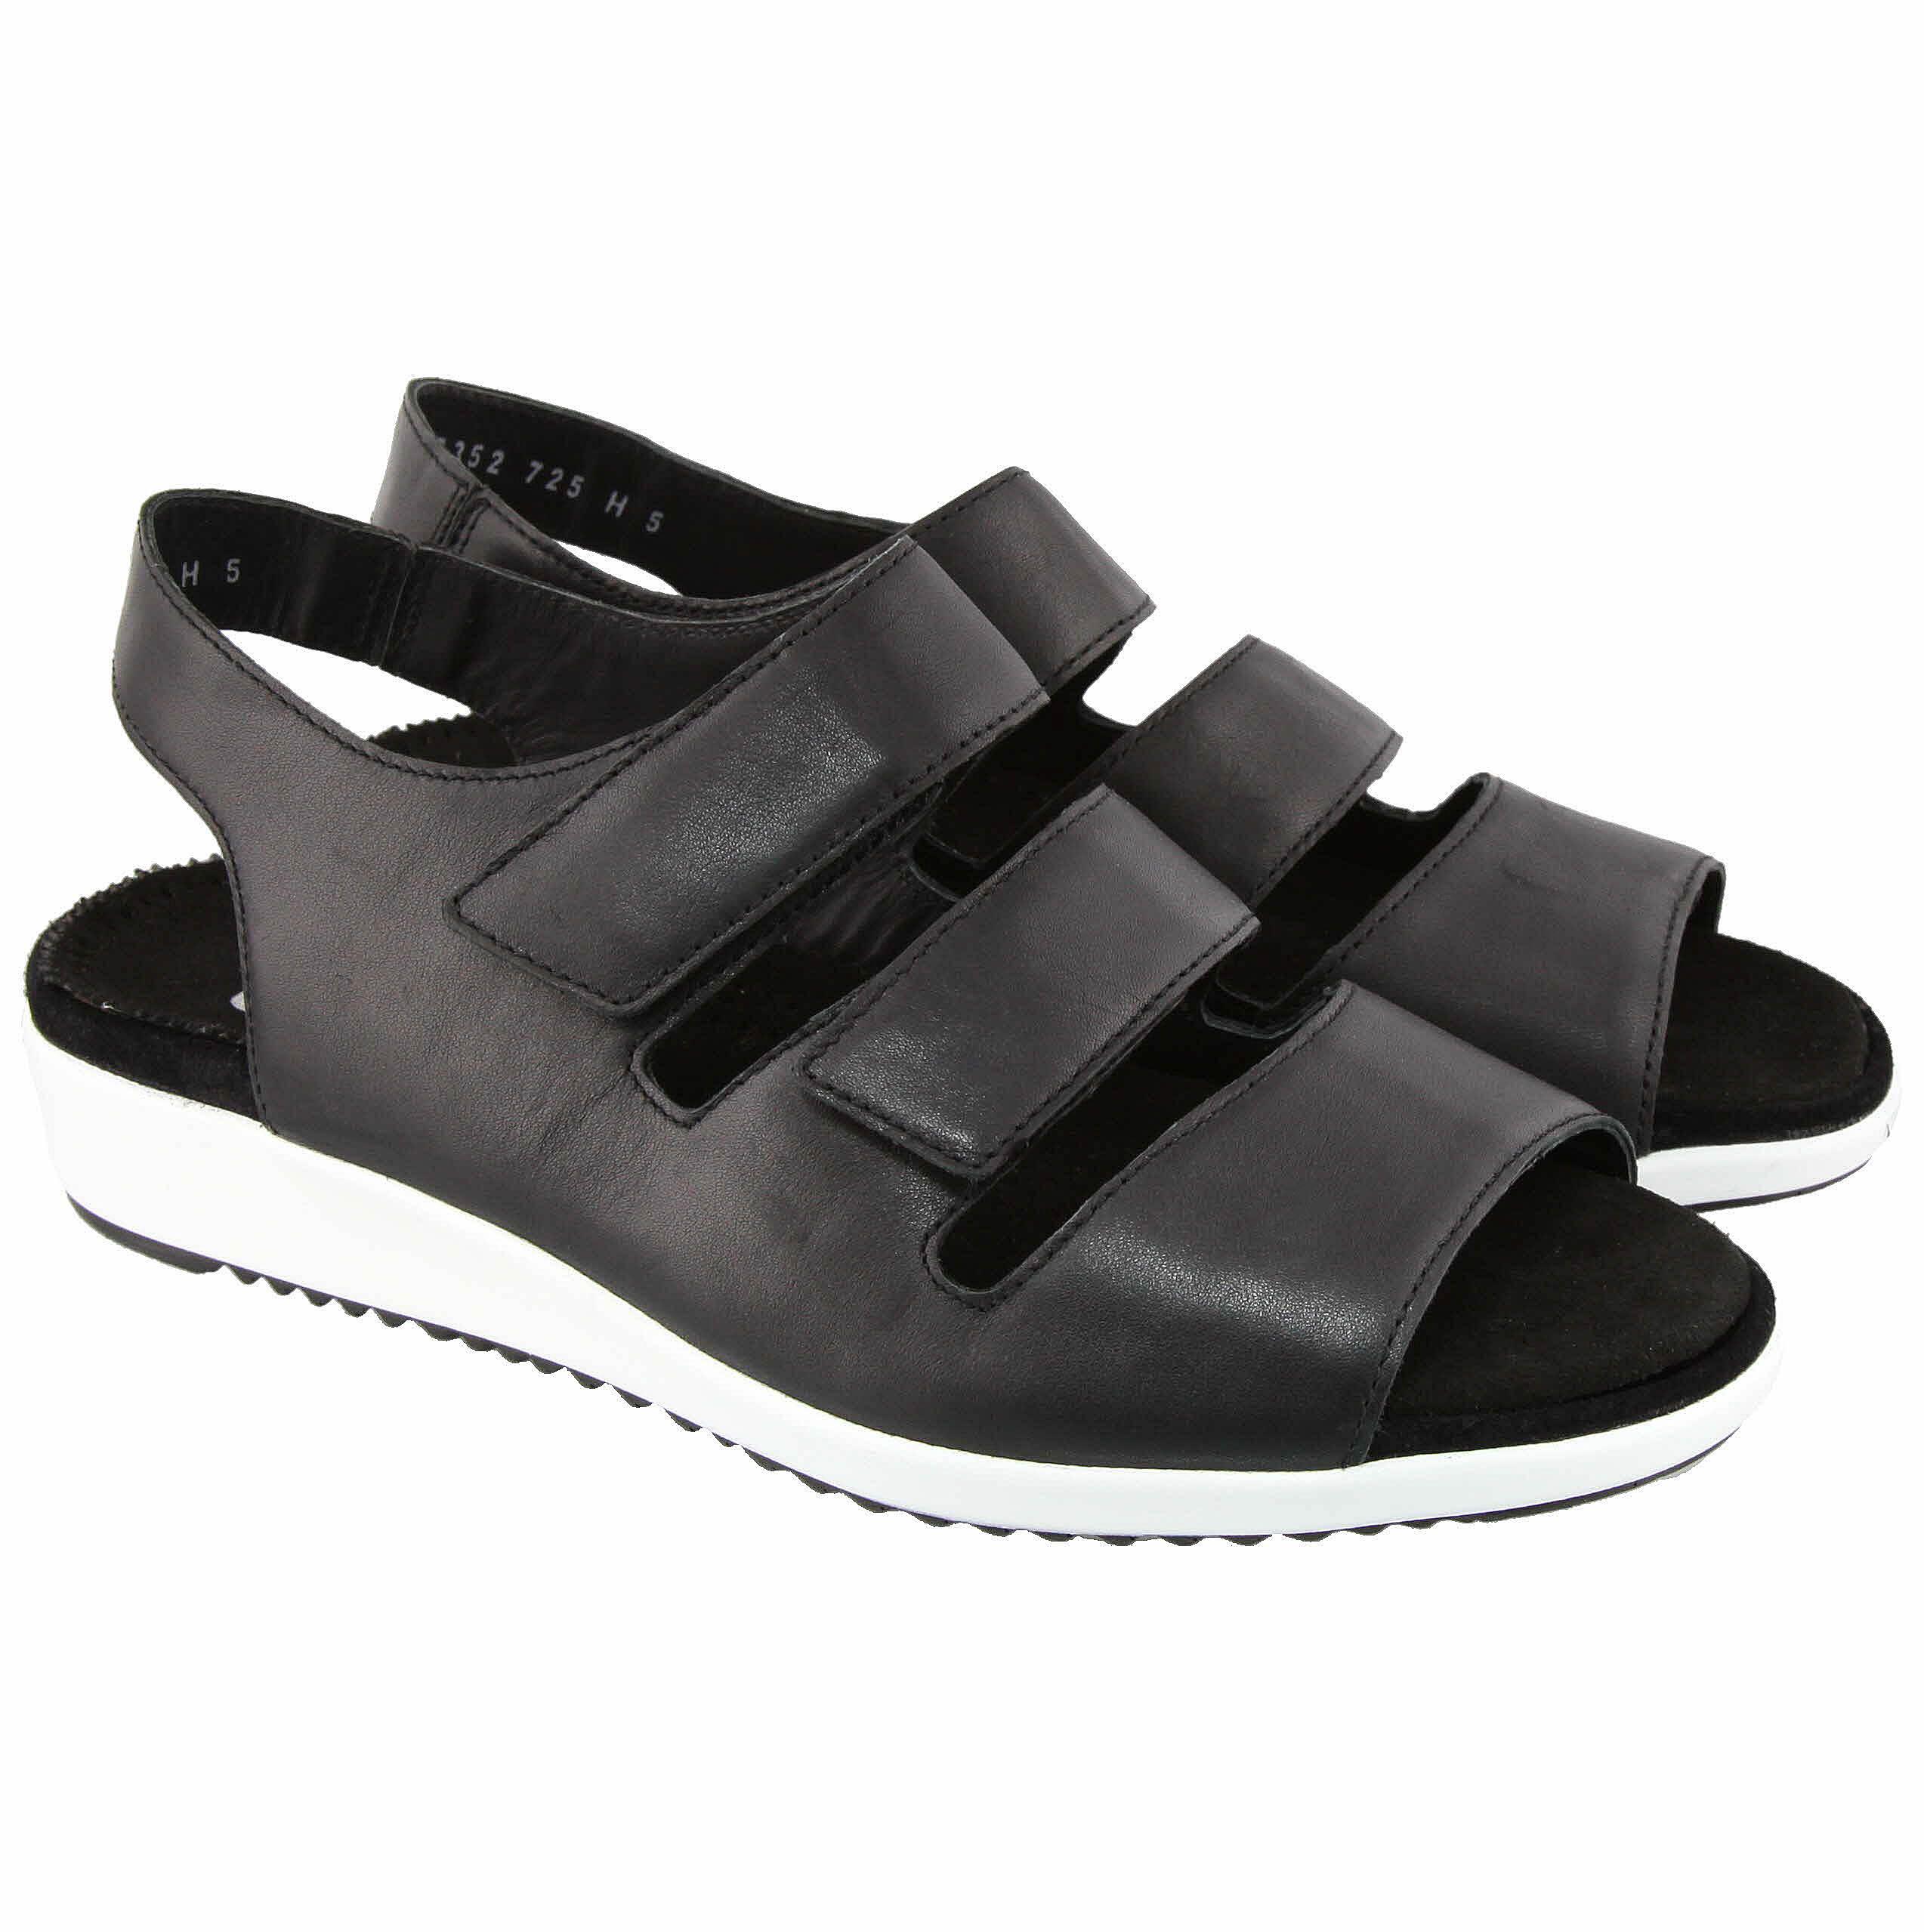 Sandaler 7352 Kjøpe Billig 100% Autentisk Utløp Pre Ordre Footlocker Online Utløp Nye Ankomst lrphf3ER8D